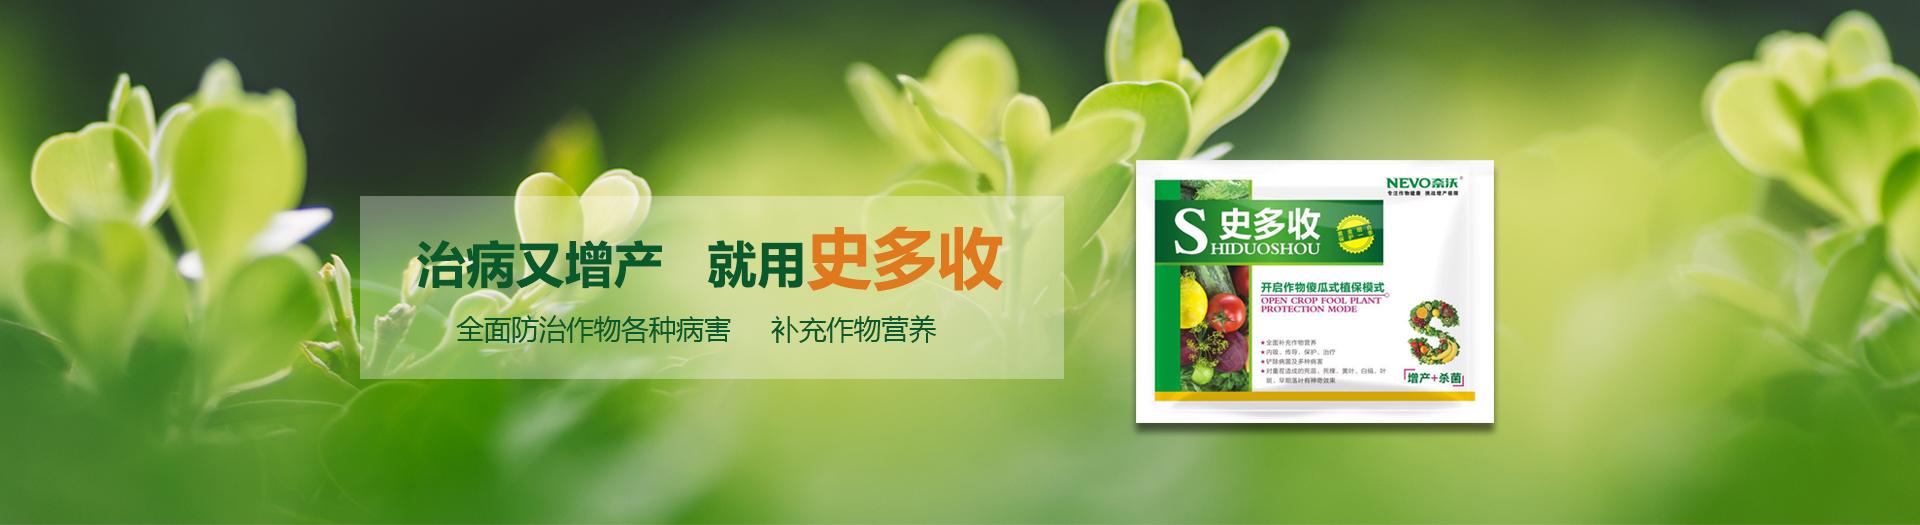 河南奈沃农业科技有限公司